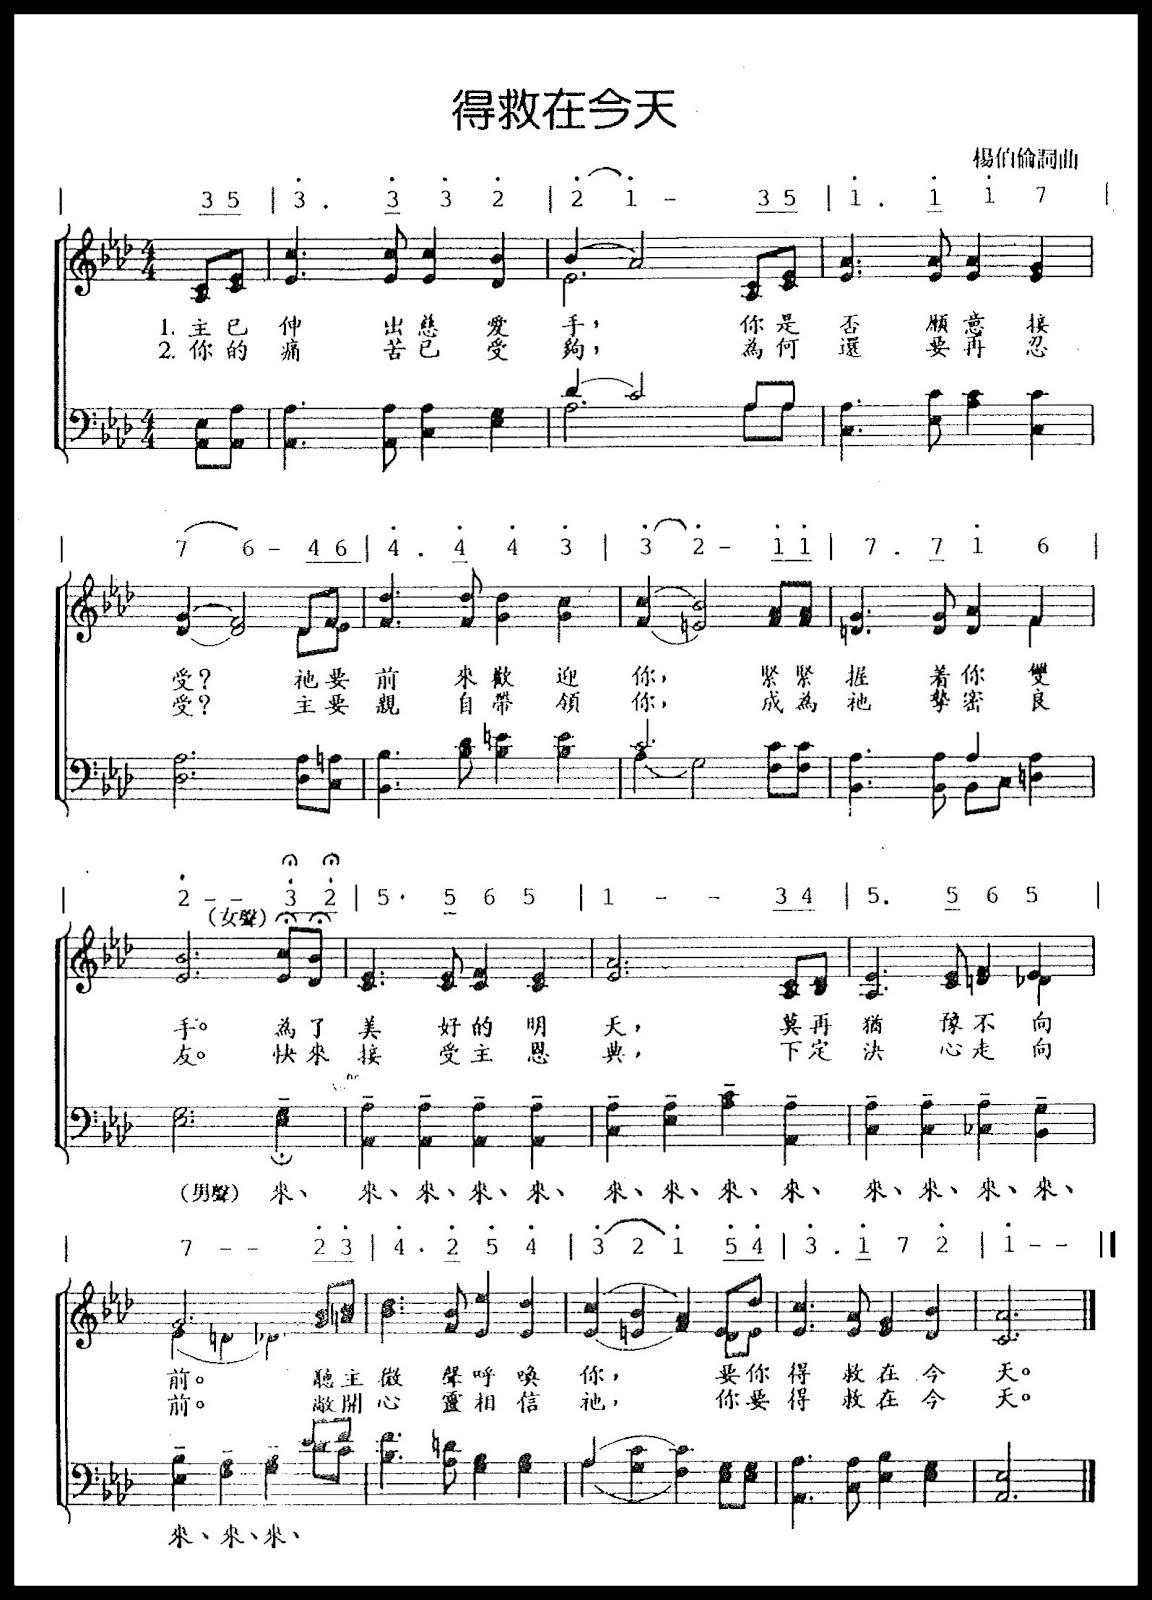 聖樂作曲家 - 楊伯倫先生的音樂分享: 得救在今天